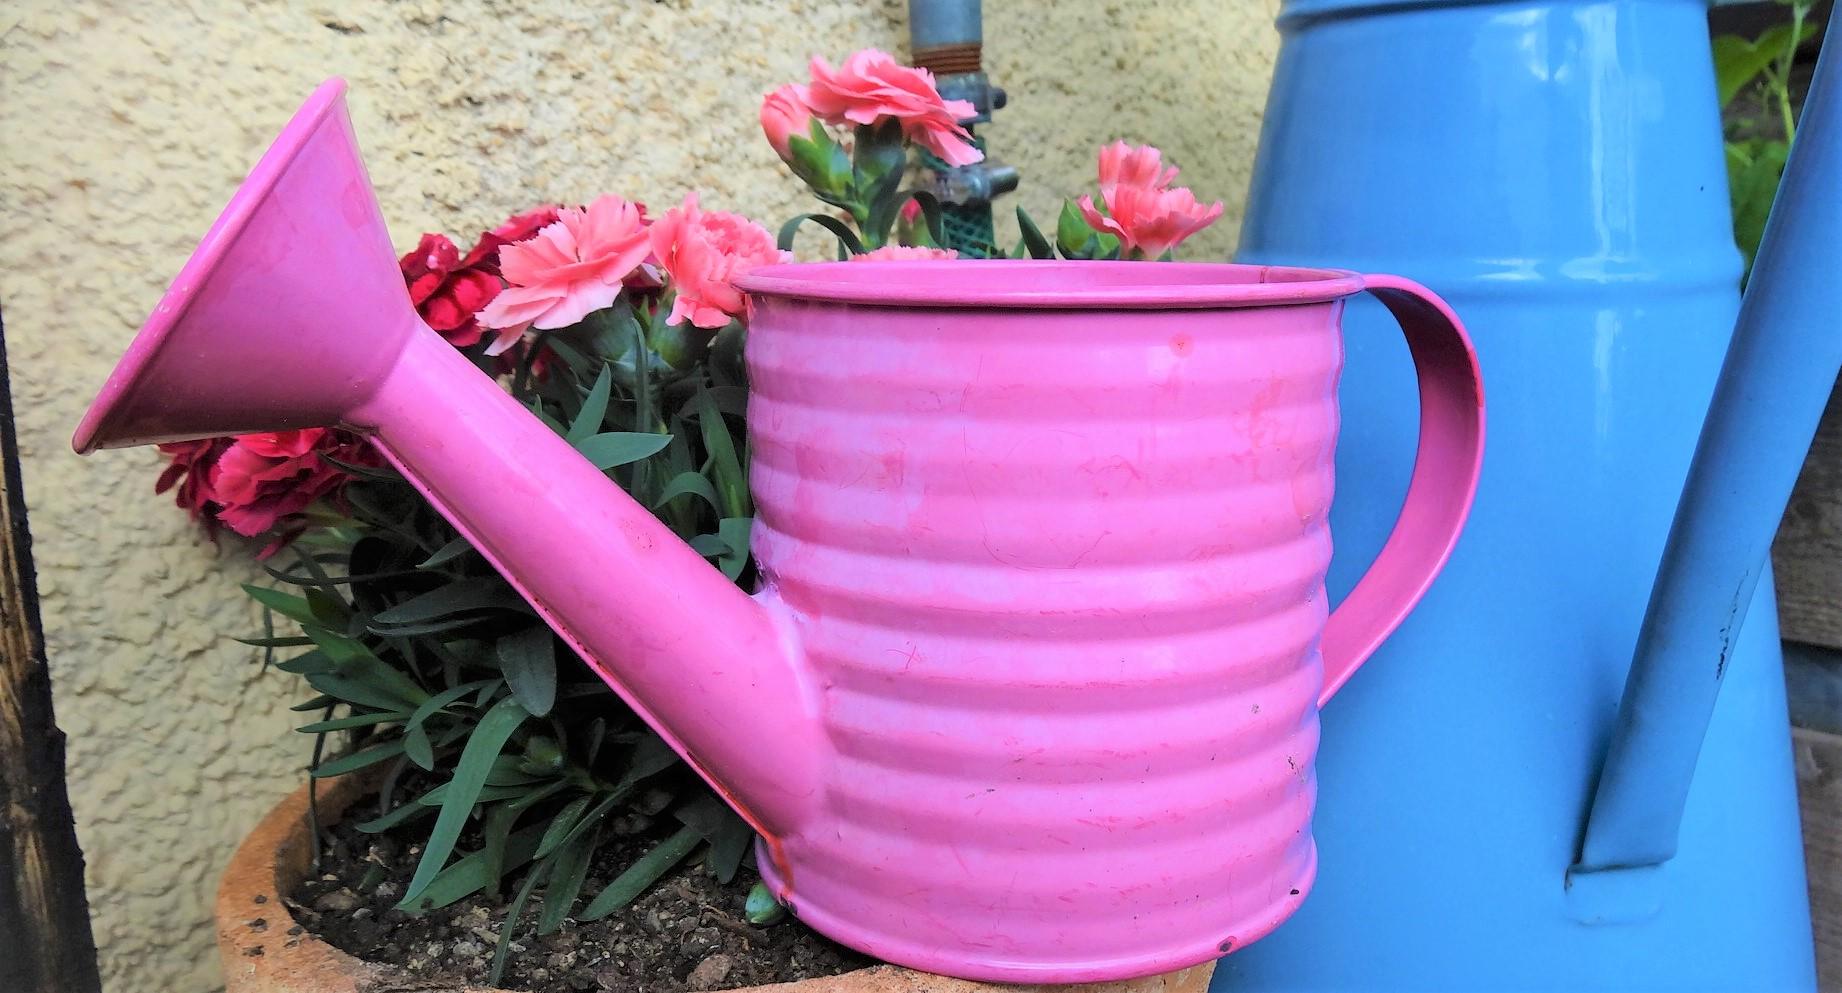 Jardin en permaculture : quand faut-il arroser ?